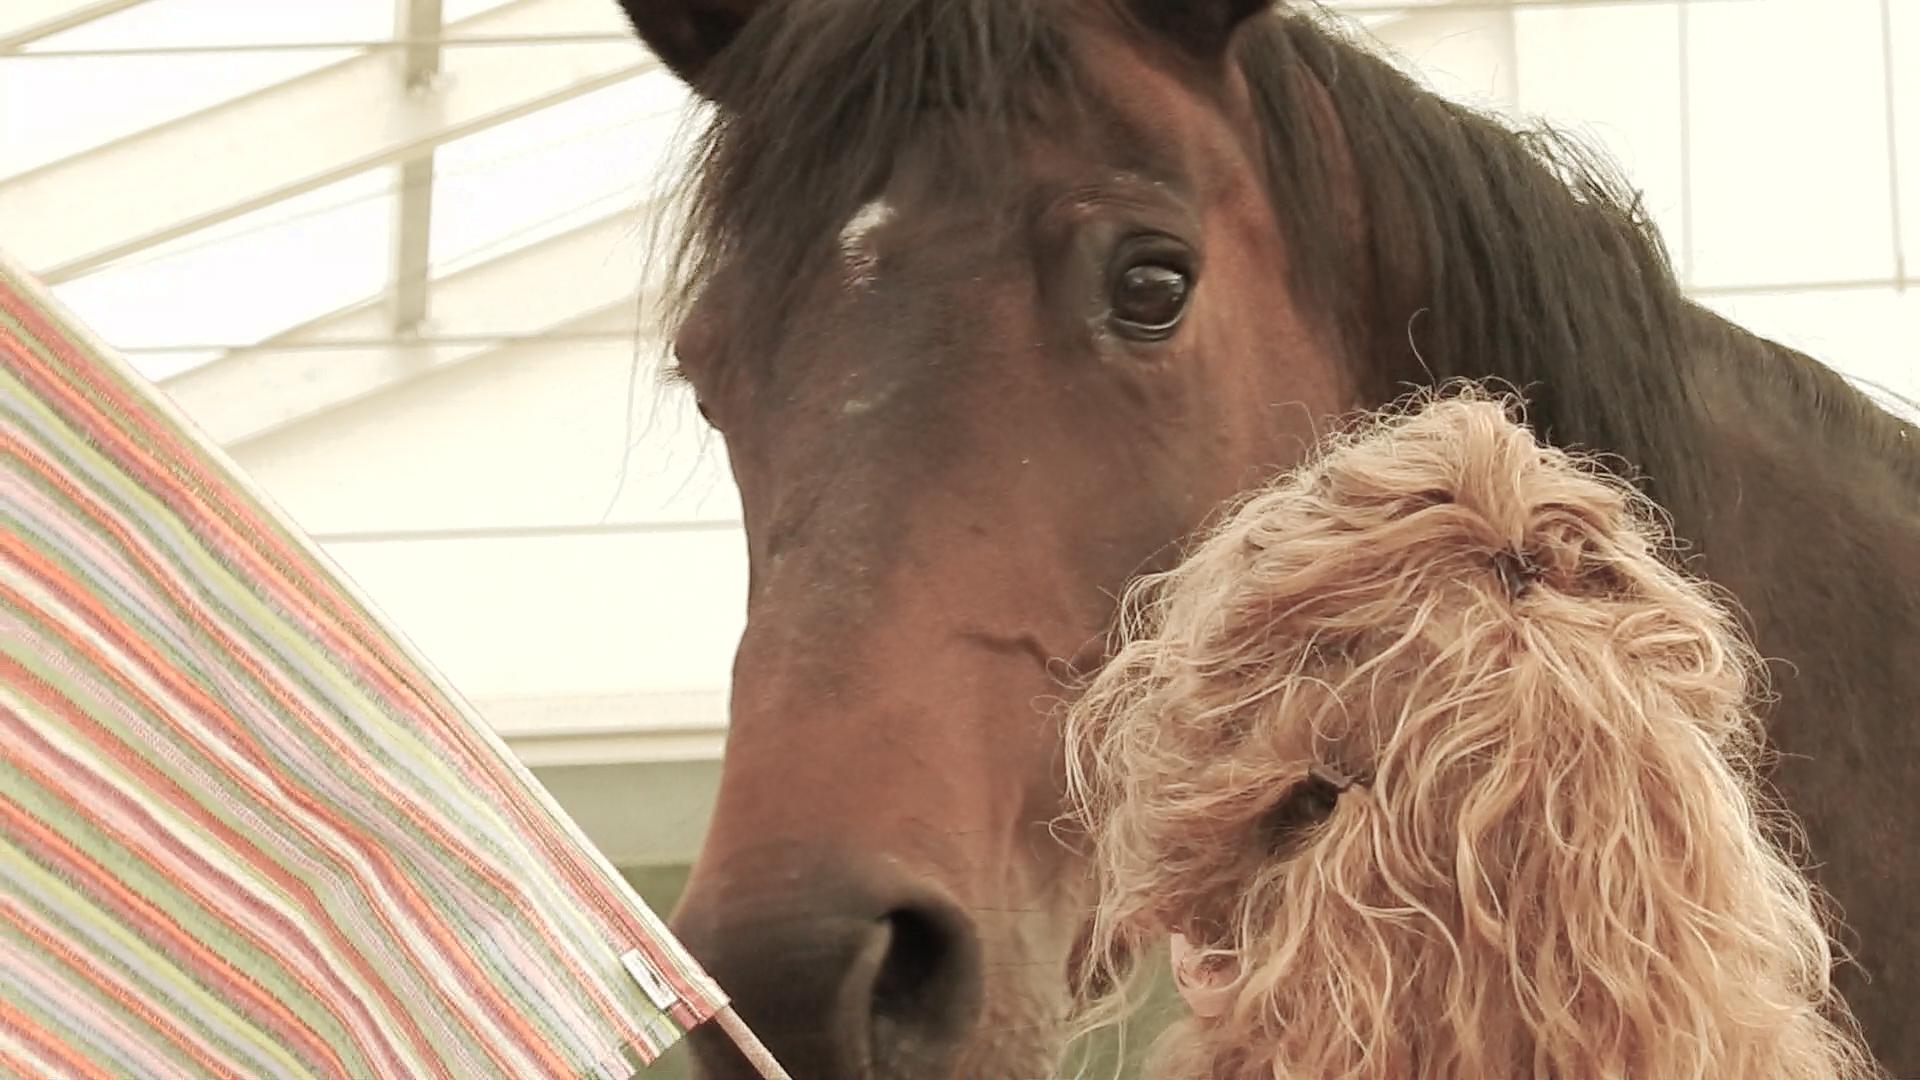 Video-Impressionen von einem besonderen Business-Workshop mit Pferden